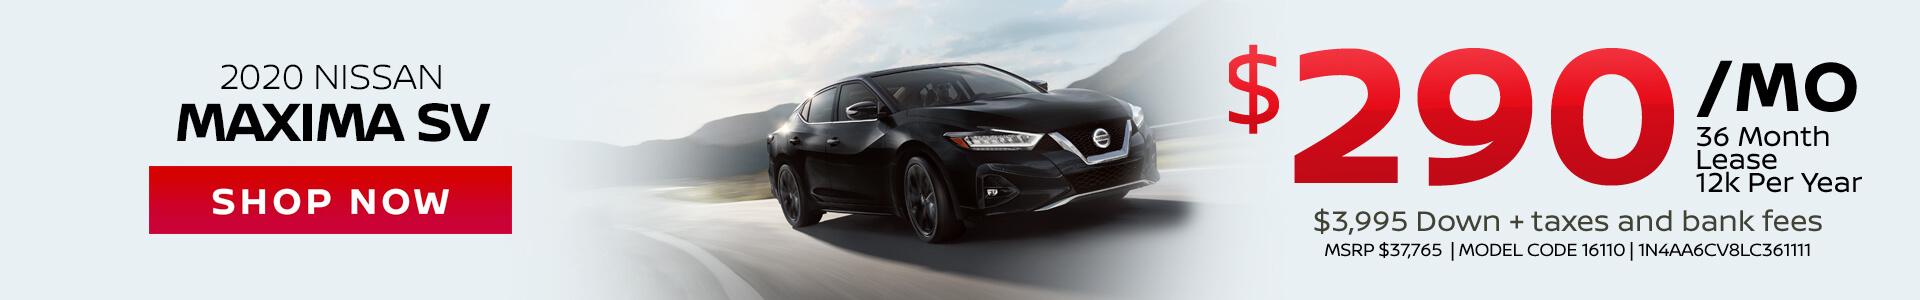 Nissan Maxima $290 Lease